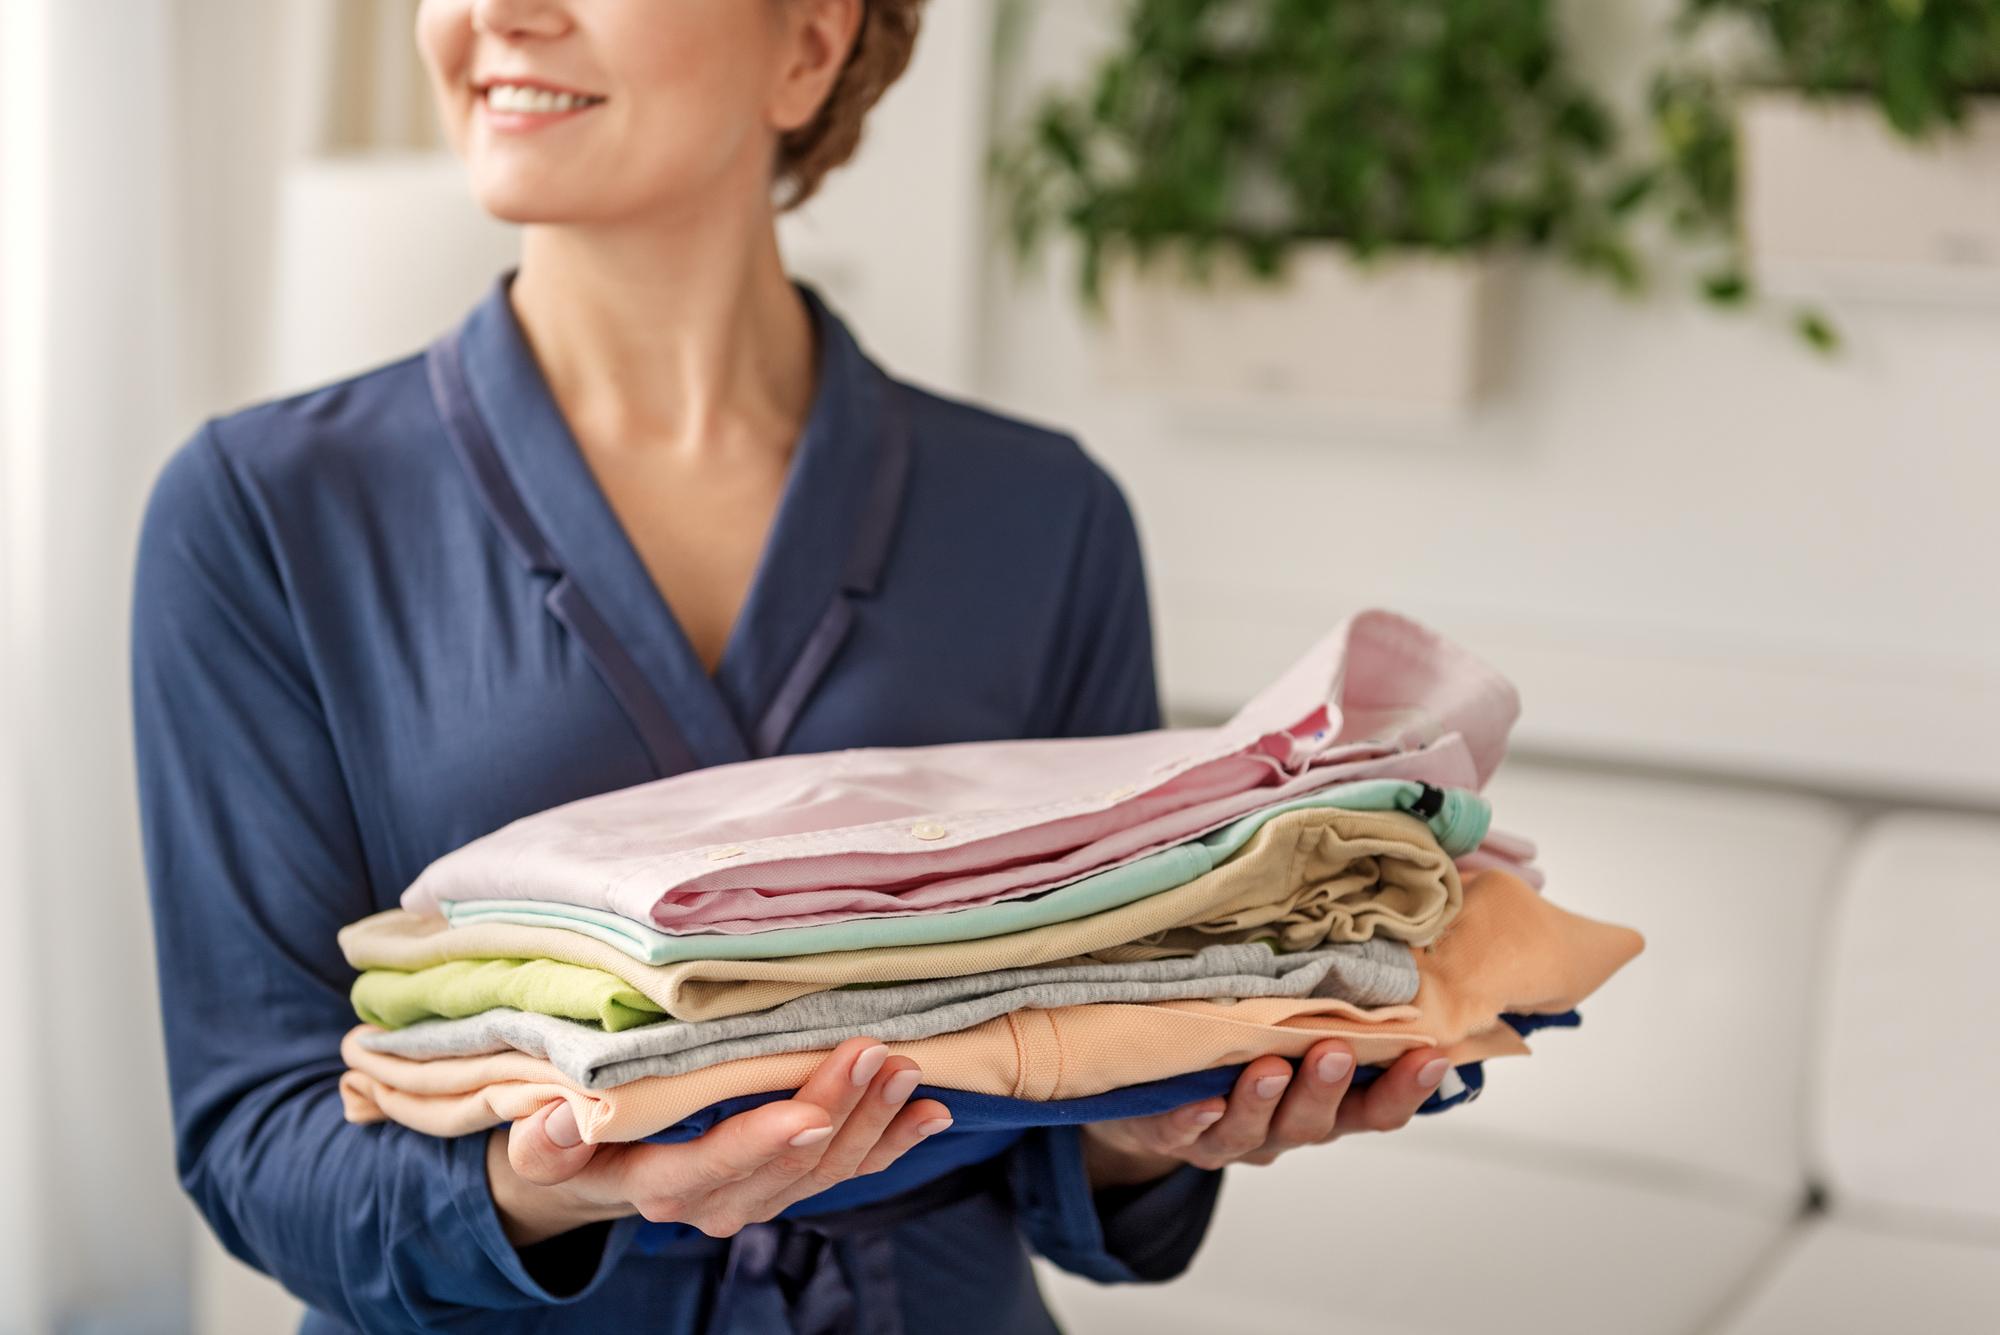 カシミヤストールの洗濯はどうすればいい?動画で詳しく知ろう!